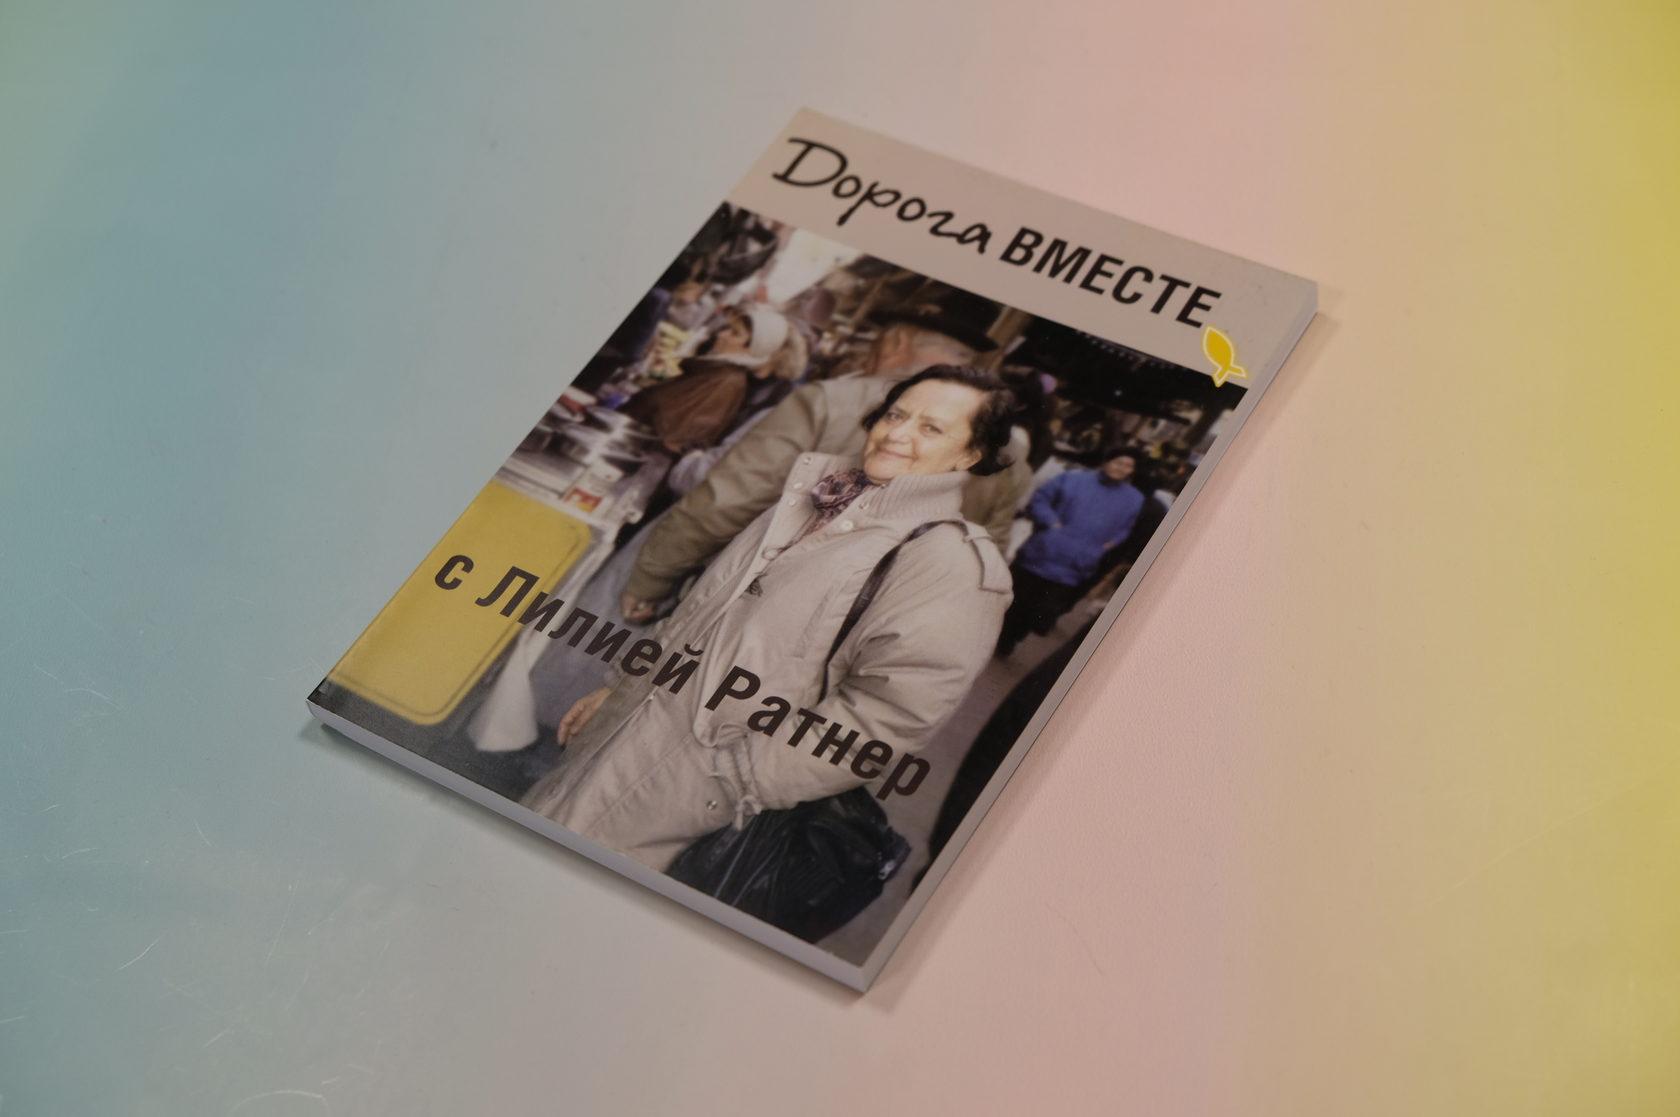 «Дорога вместе с Лилией Ратнер»